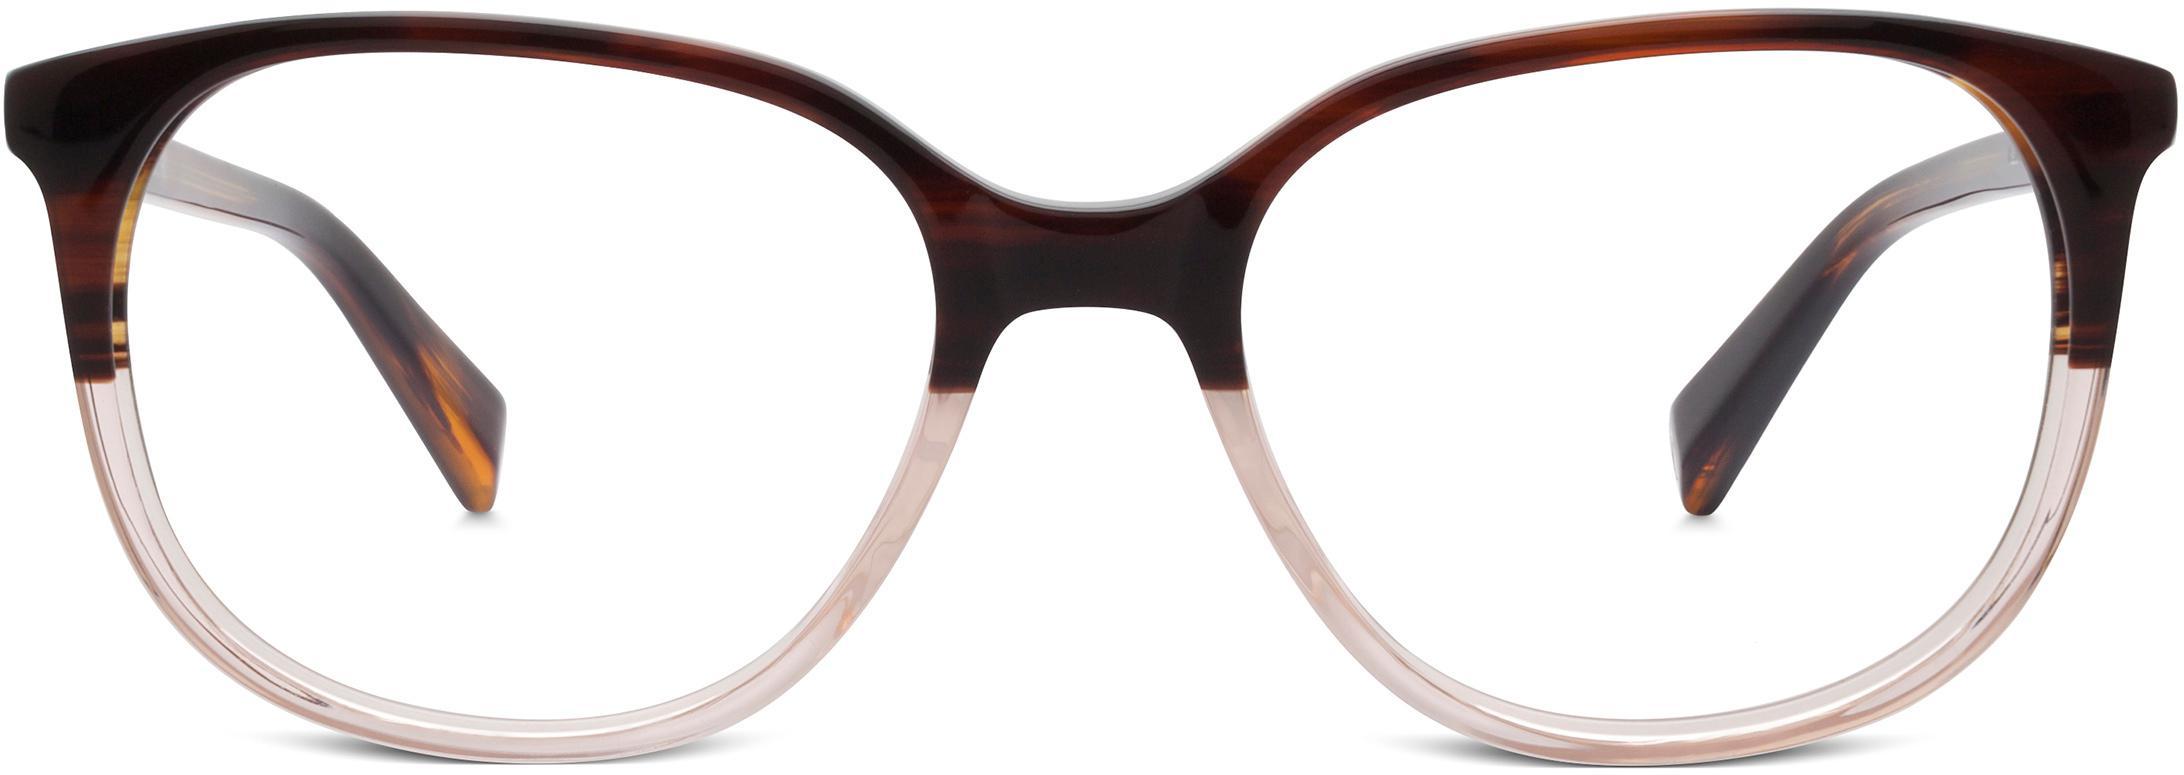 Women\'s Eyeglasses | Warby Parker